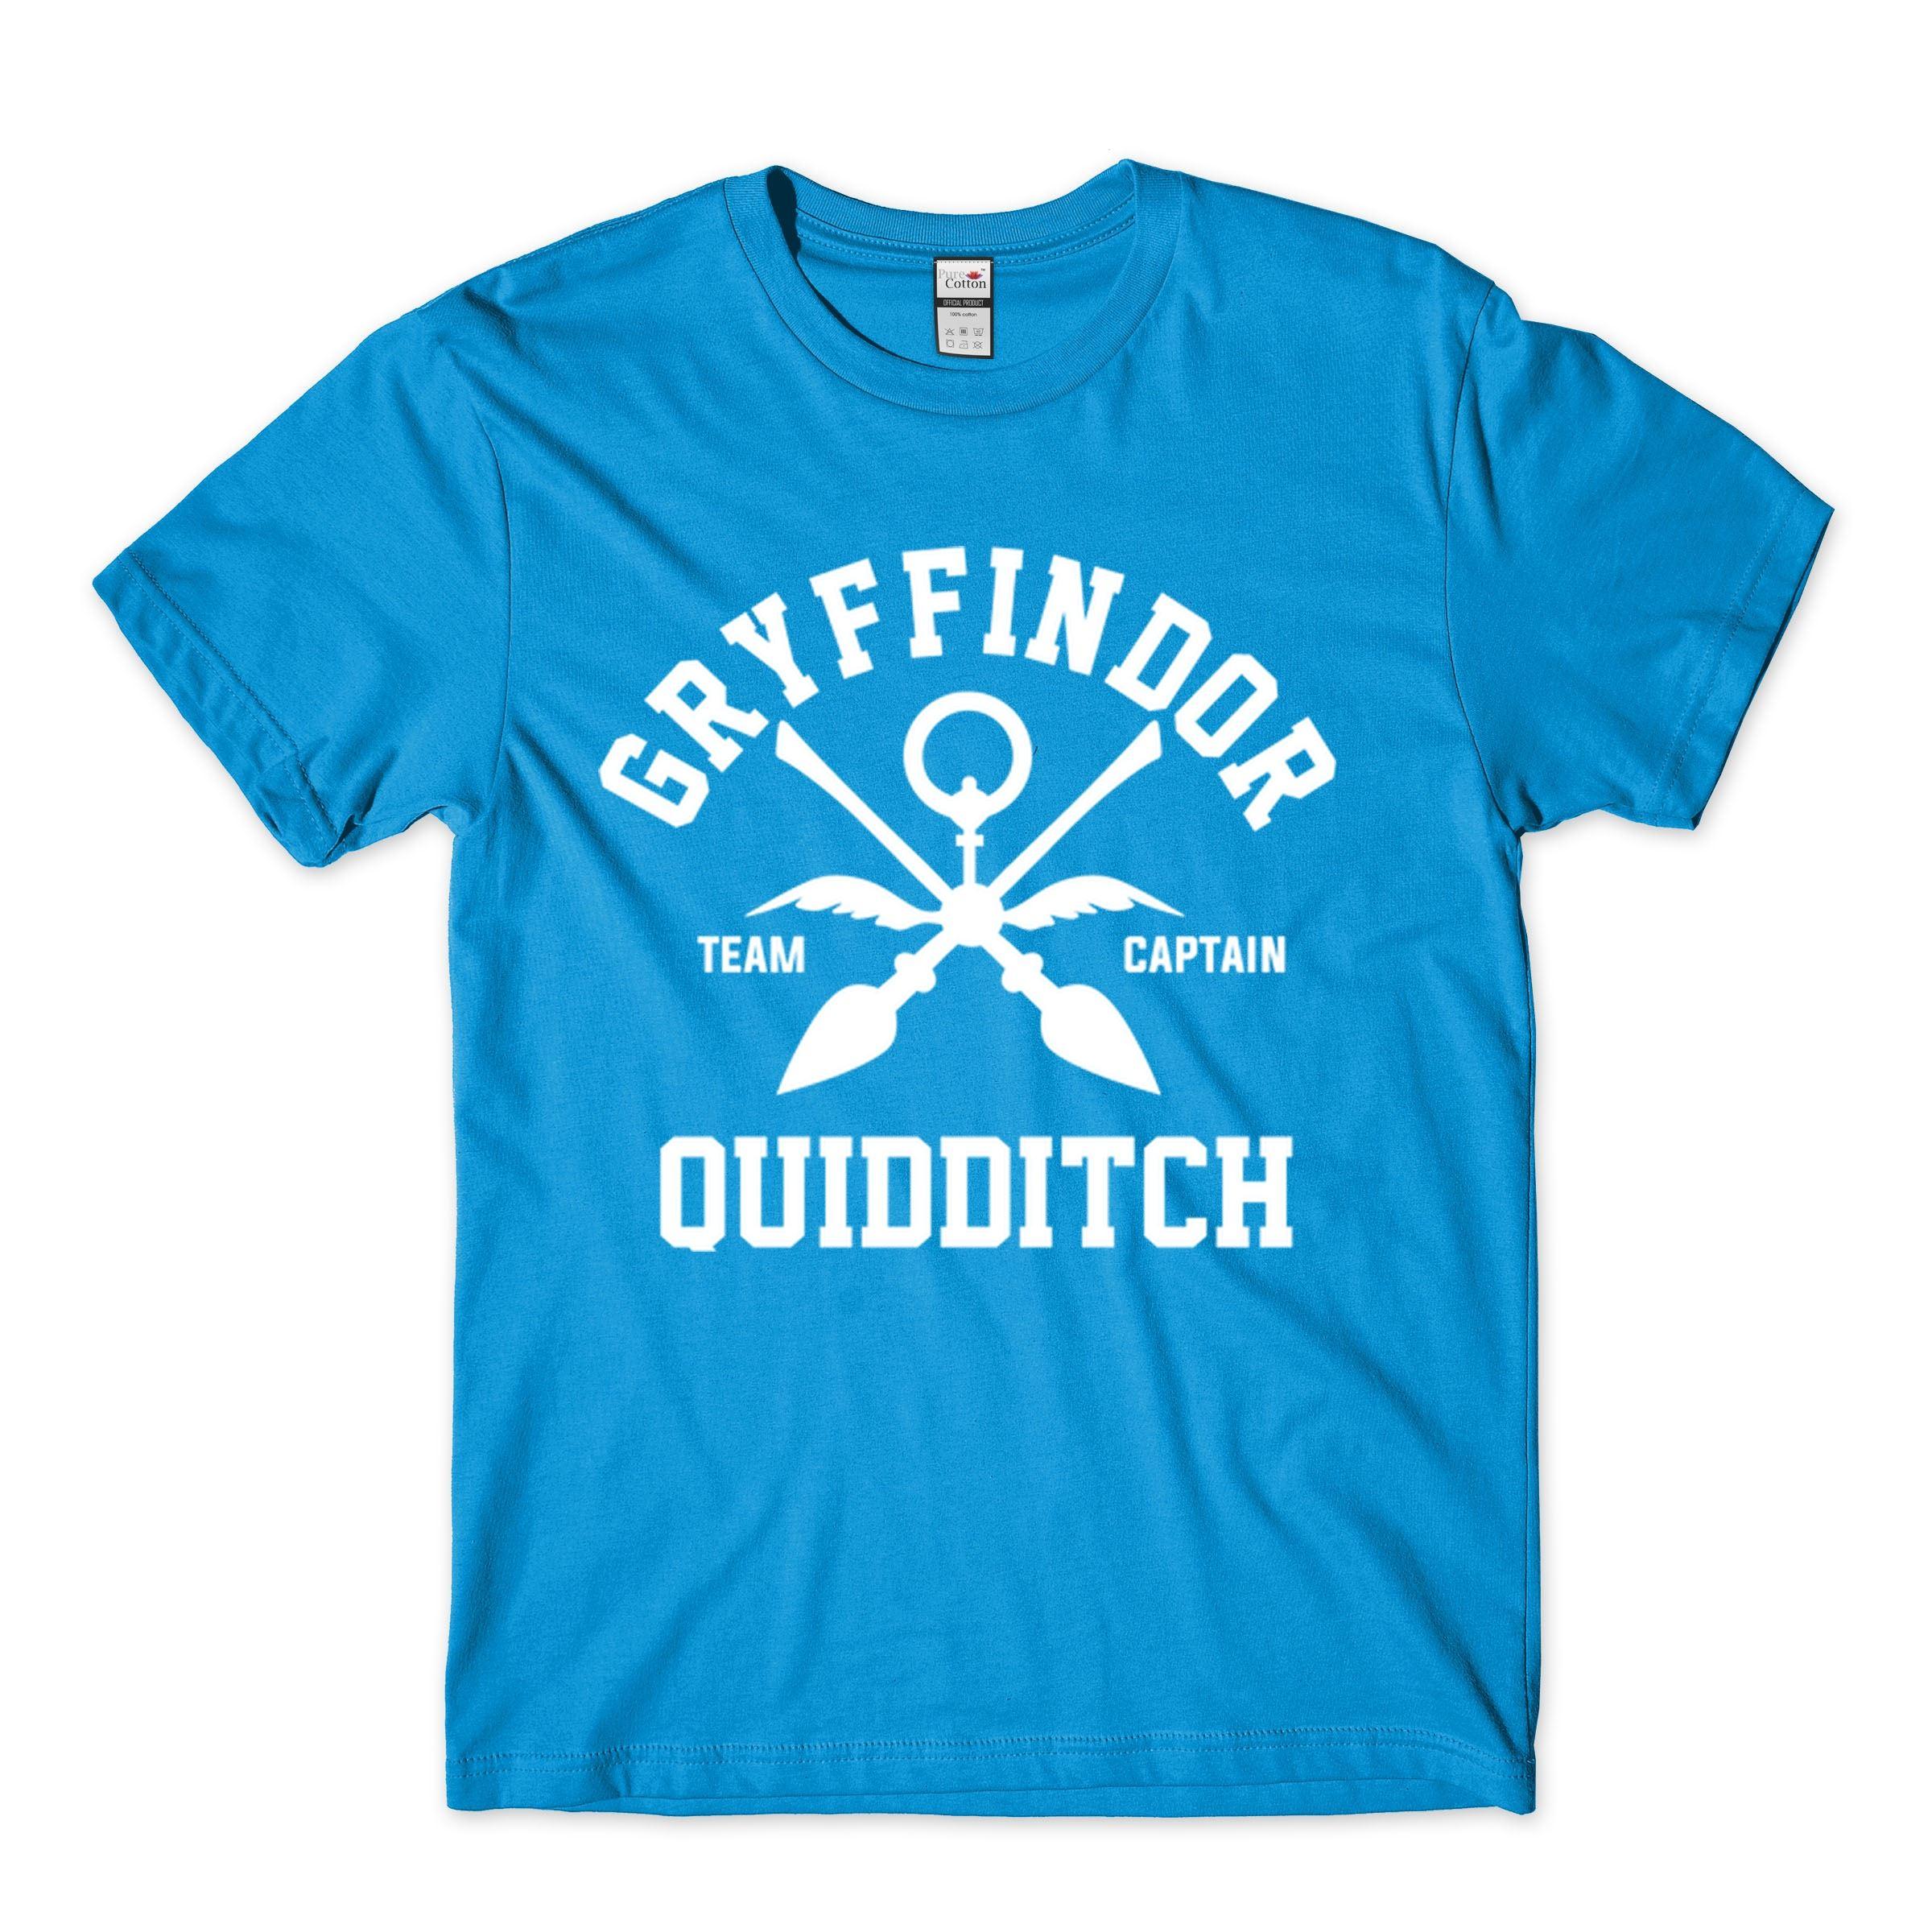 Gryffindor quidditch team captain